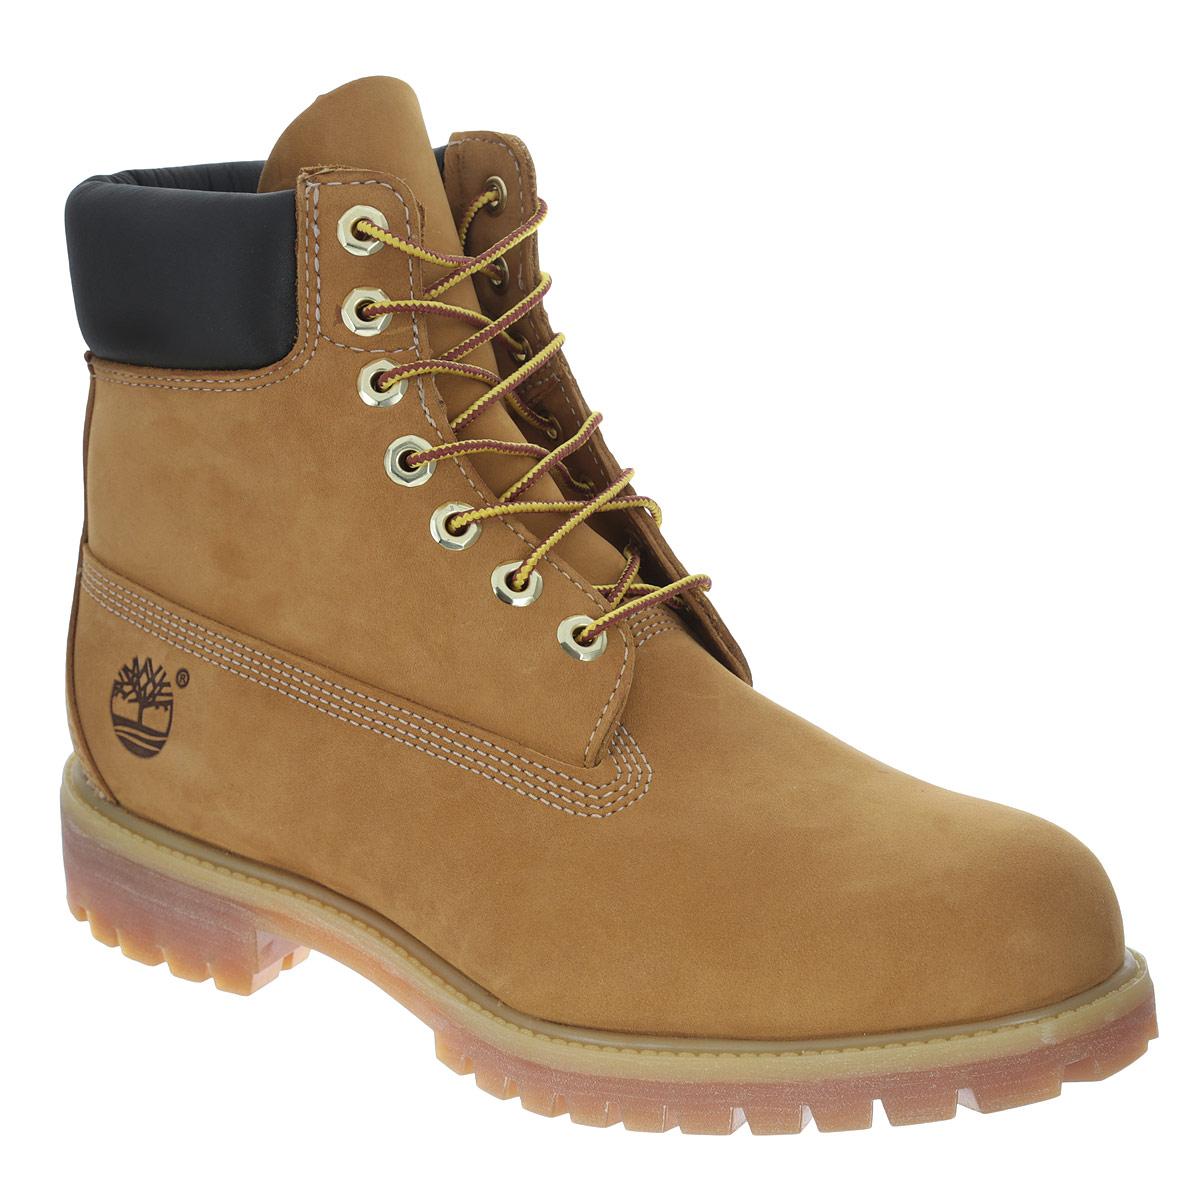 Ботинки мужские Timberland 6-inch Premium Boot, цвет: песочный. TBL10061W. Размер 11,5 (44,5)TBL10061WВысокие мужские ботинки 6-inch Premium Boot от Timberland заинтересуют вас своим дизайном с первого взгляда! Модель изготовлена из натурального нубука и оформлена декоративной прострочкой, задним ремнем, оригинальным плетением на шнурках, сбоку - тисненым логотипом бренда. Высокий язычок и шнуровка обеспечивают плотное прилегание верхней части ботинок к ноге, создавая дополнительную теплозащиту. Съемная стелька EVA с поверхностью из натуральной кожи обеспечивает максимальный комфорт при движении. Каблук и подошва с протектором гарантируют идеальное сцепление с любыми поверхностями.Модные ботинки не оставят вас незамеченным!